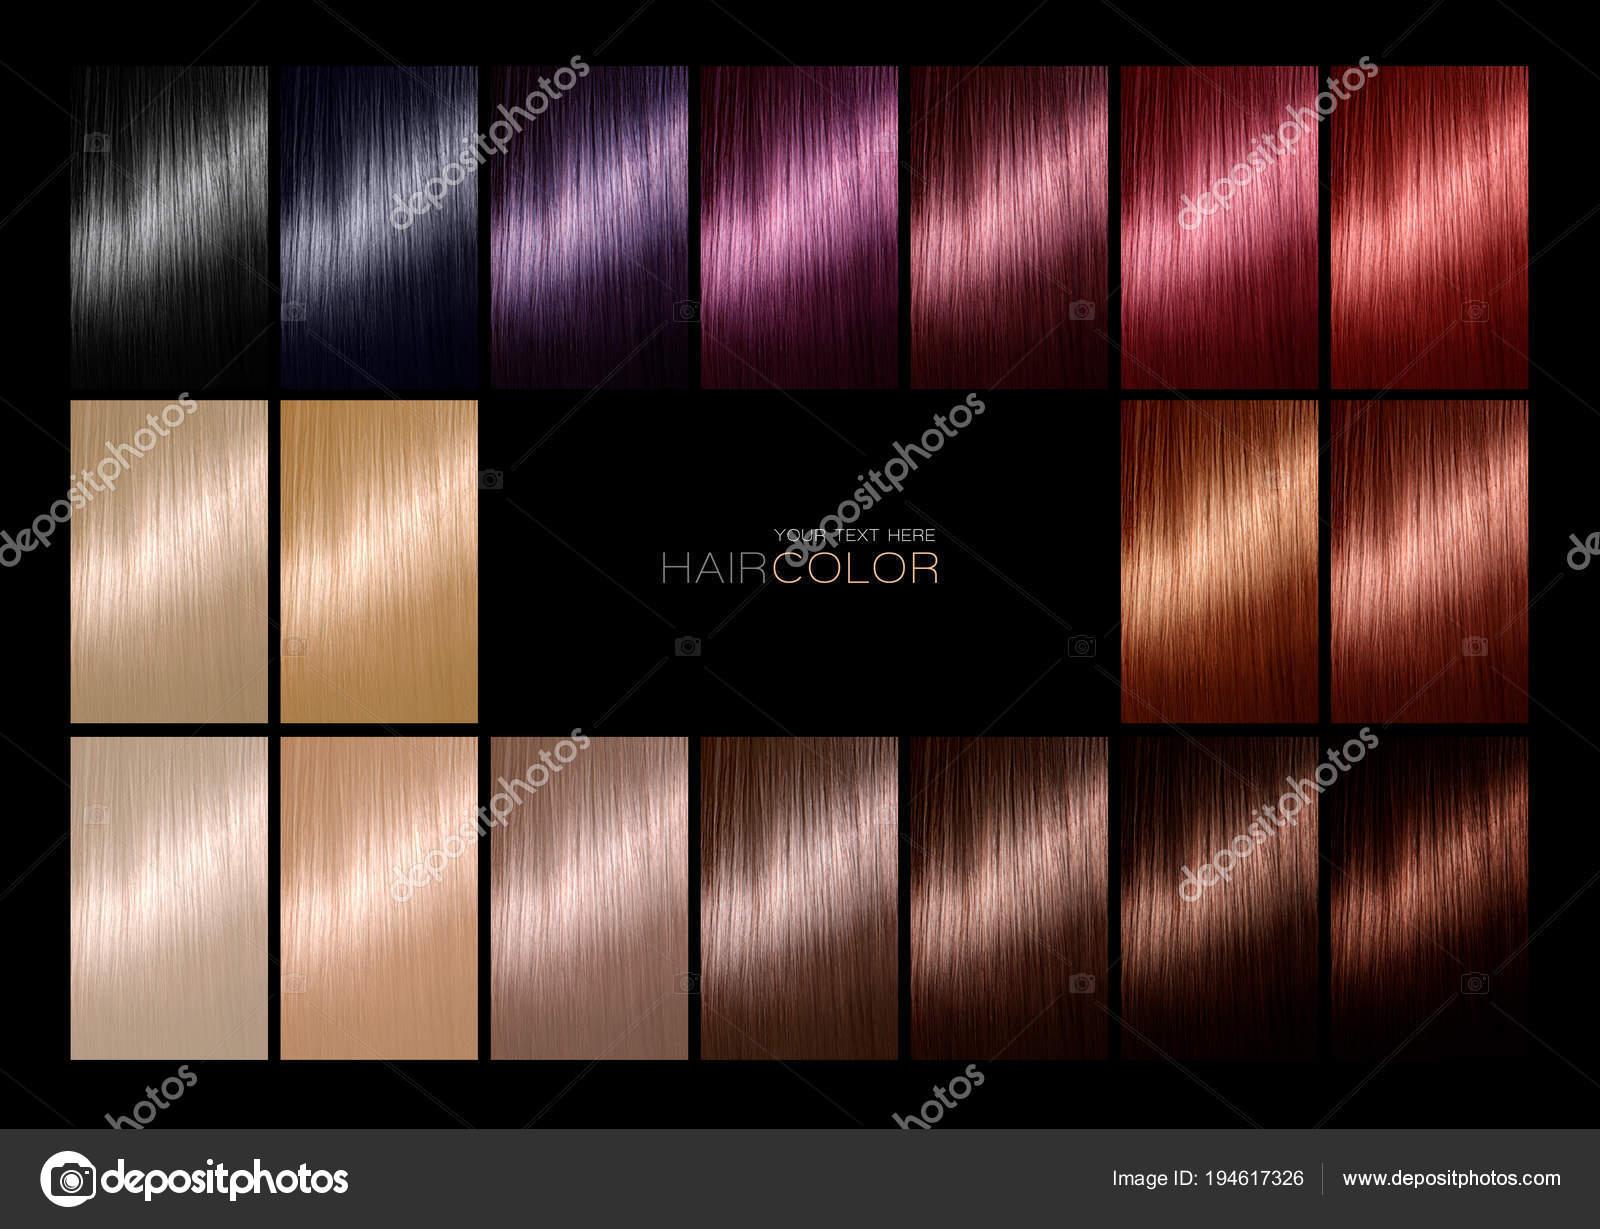 Farbkarte Für Haare Färben Tönungen Haar Farbpalette Mit Einer